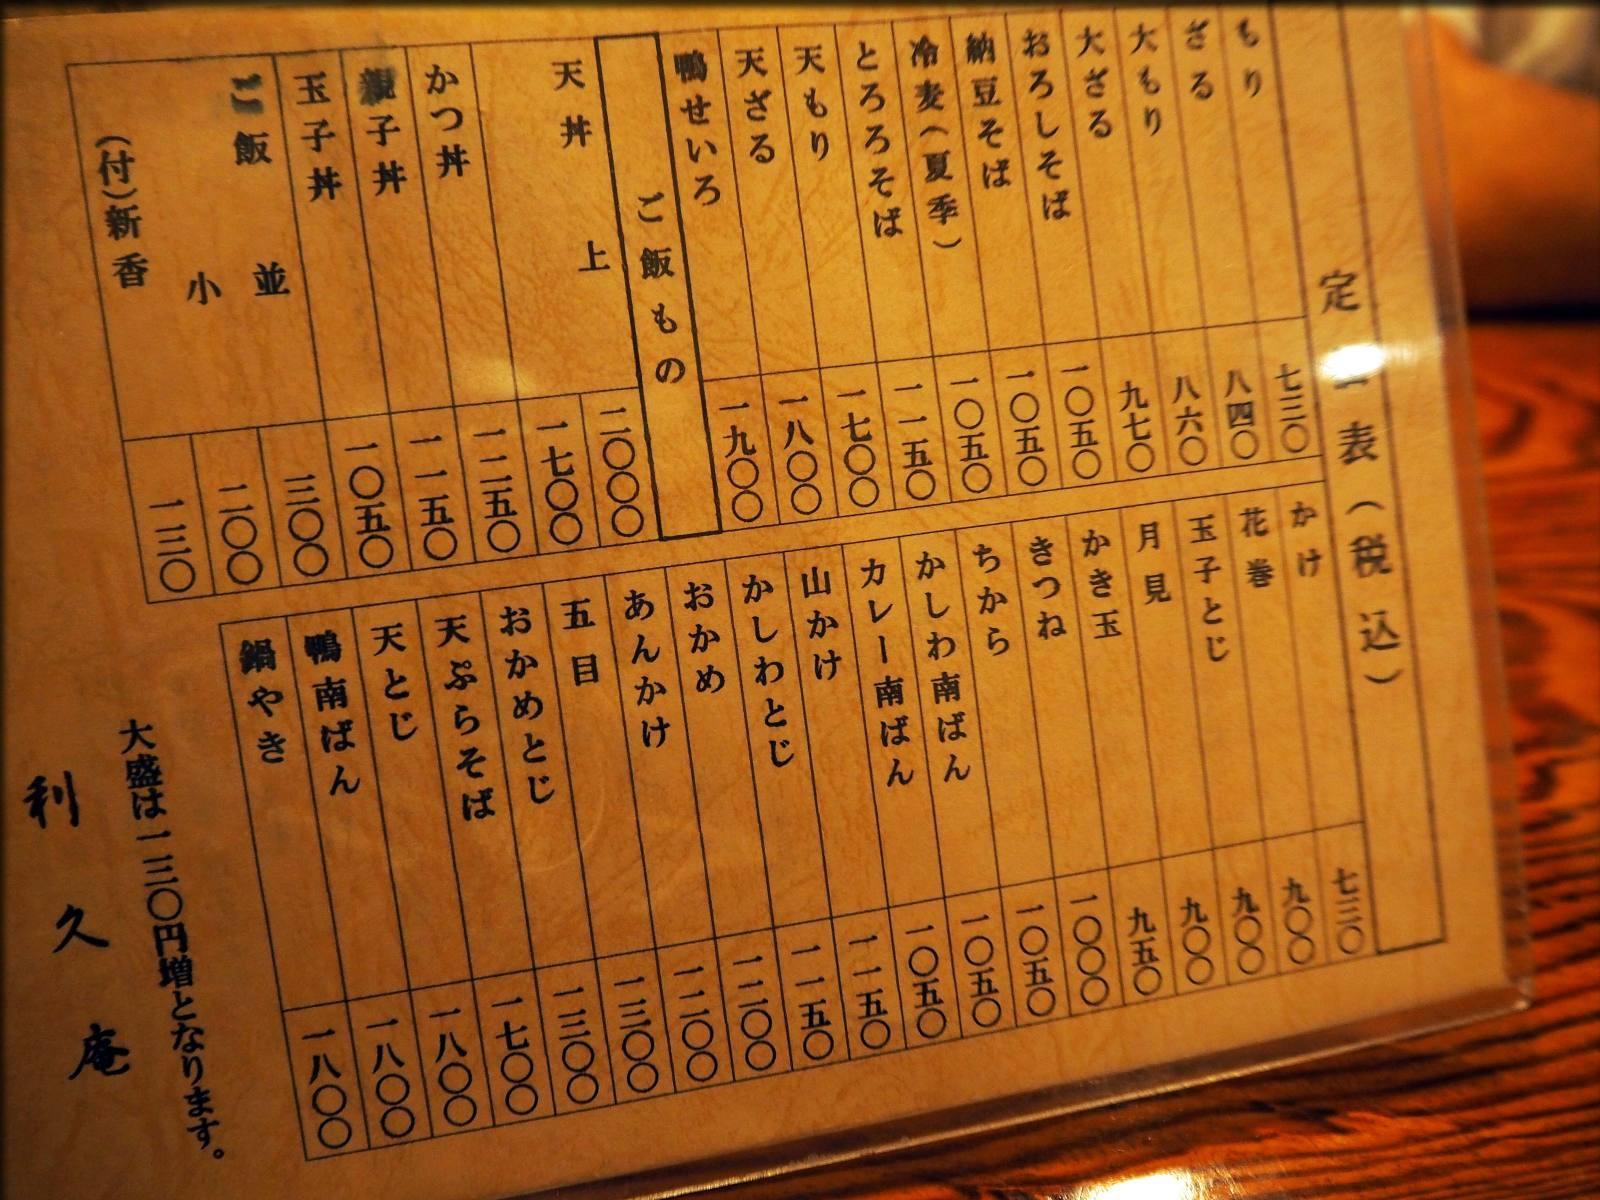 老舗蕎麦処・利久庵で蕎麦@日本橋室町_b0054329_09250247.jpg